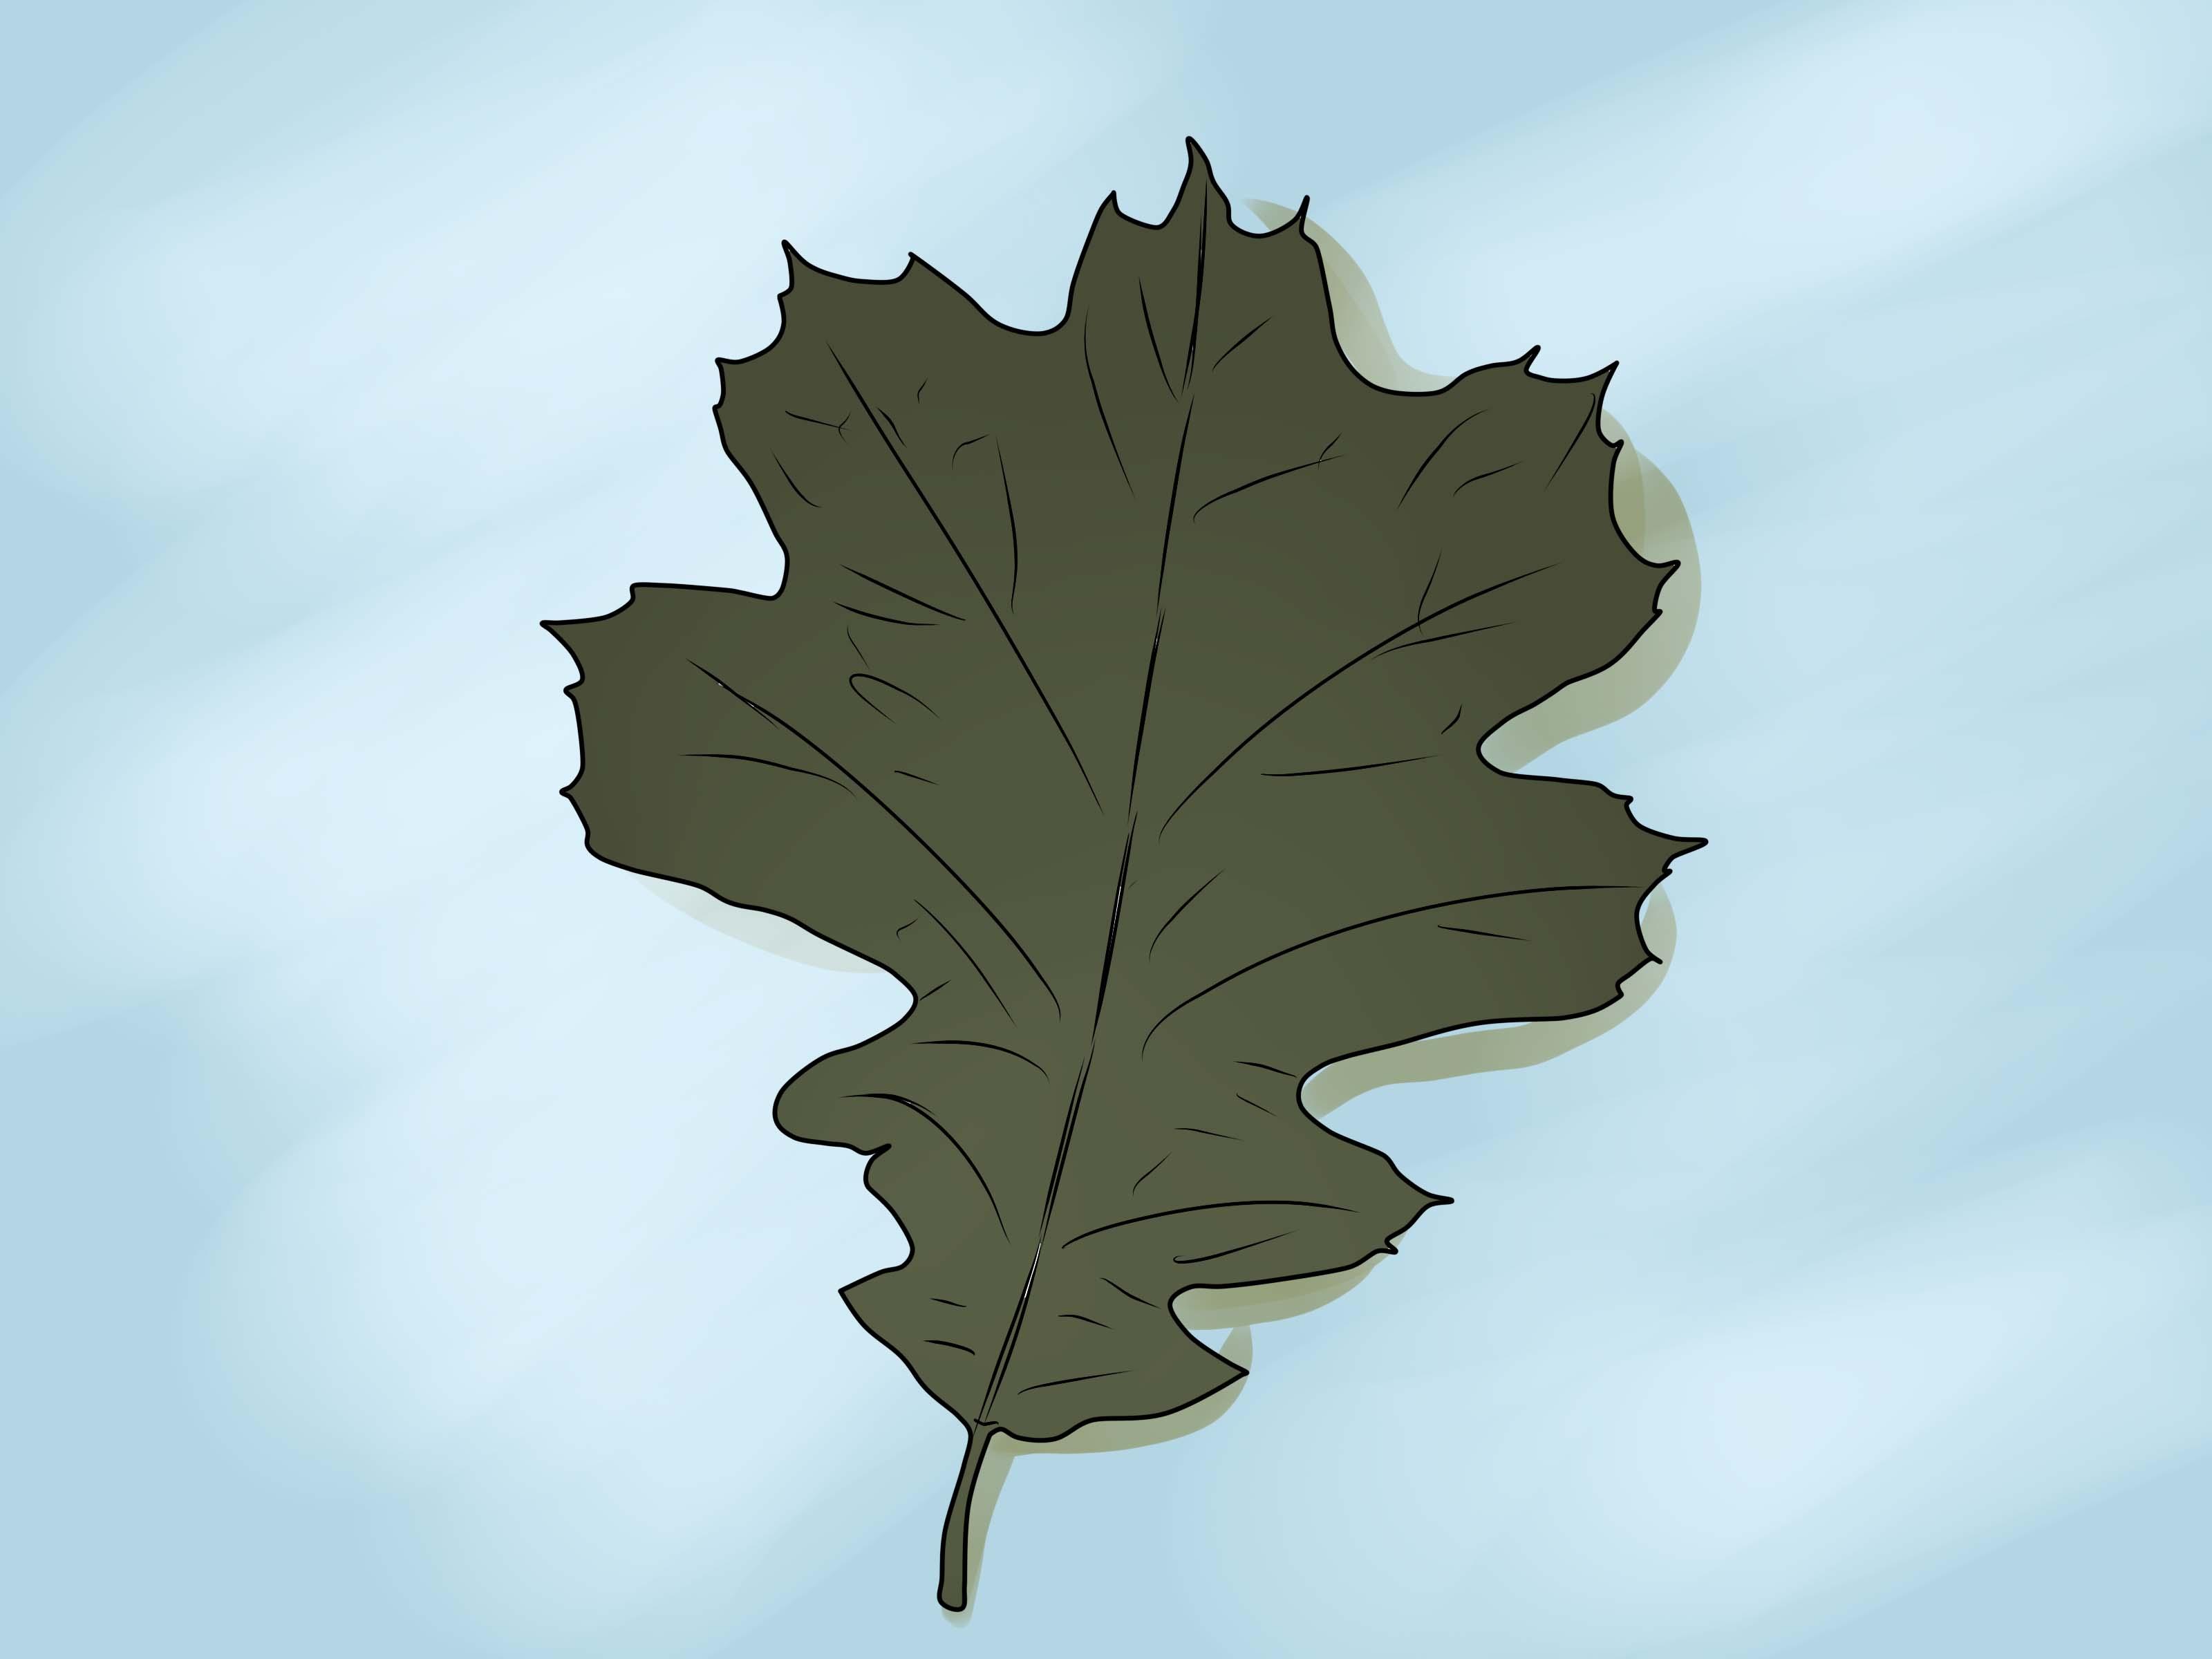 comment identifier les feuilles de